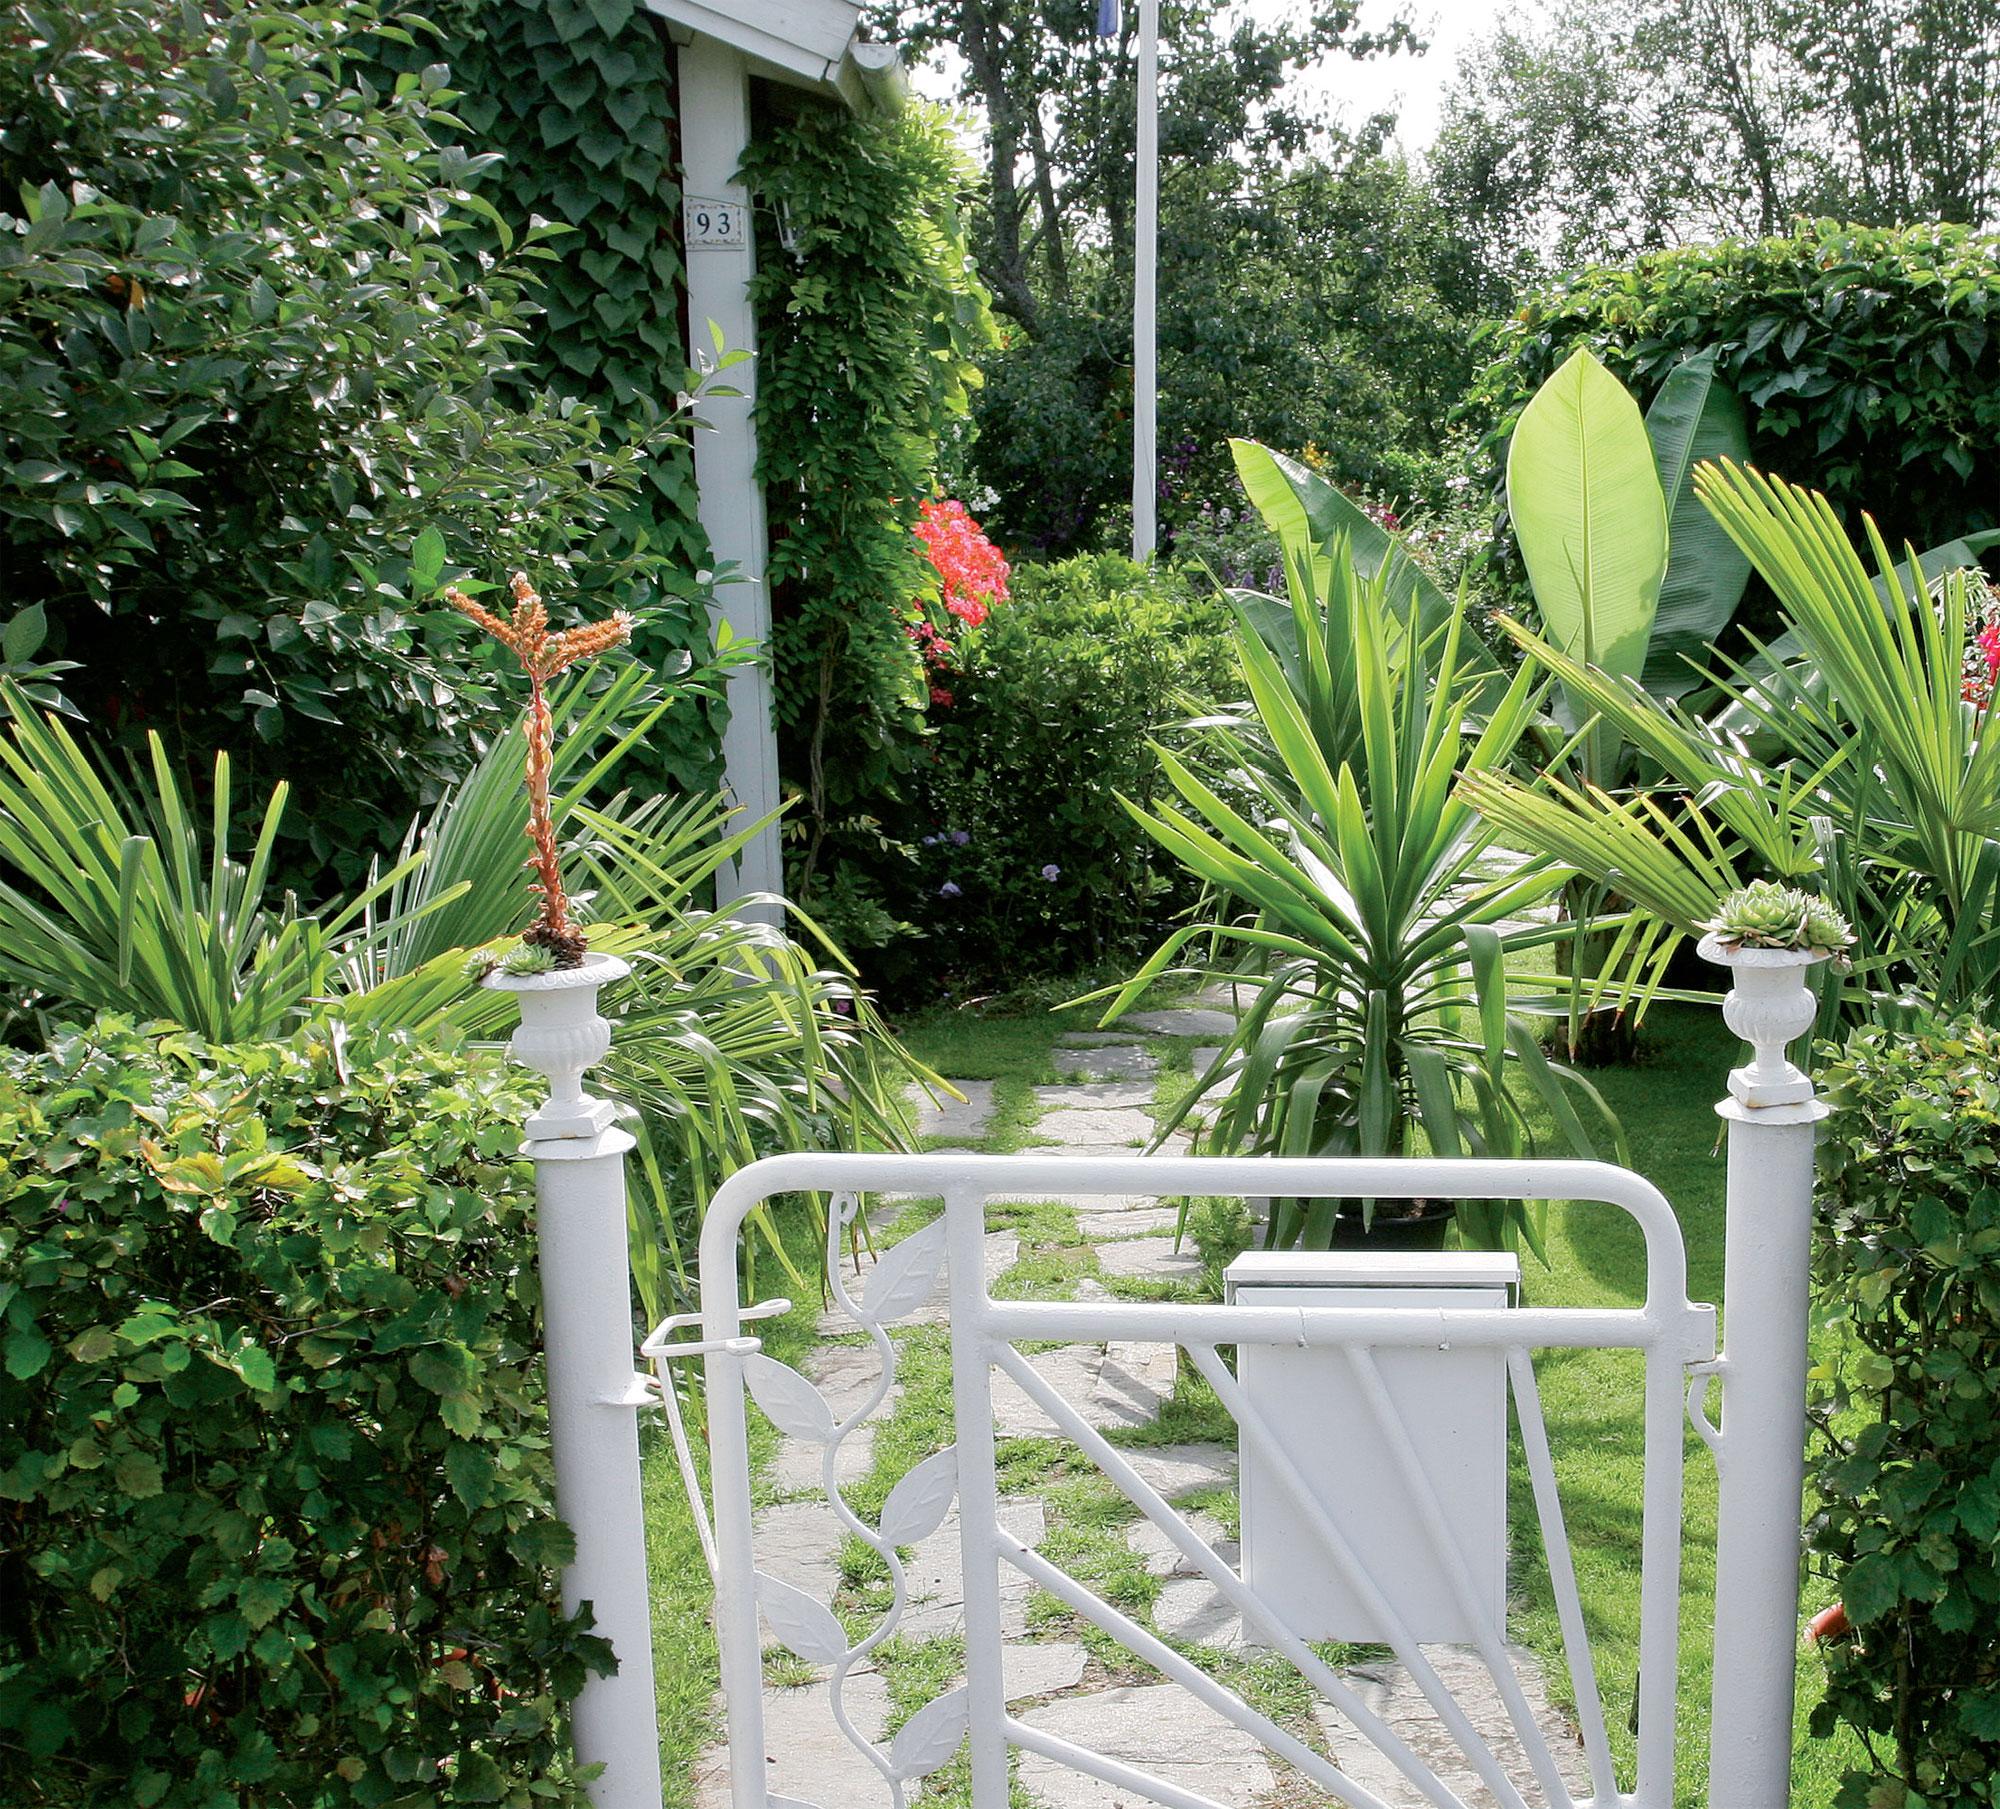 Vehreän pihan salaisuus on vieressä virtaava puro, josta saa kasteluvettä vaivatta. Viikottainen kastelulannoitus pitää kasvit hyvässä kasvussa.